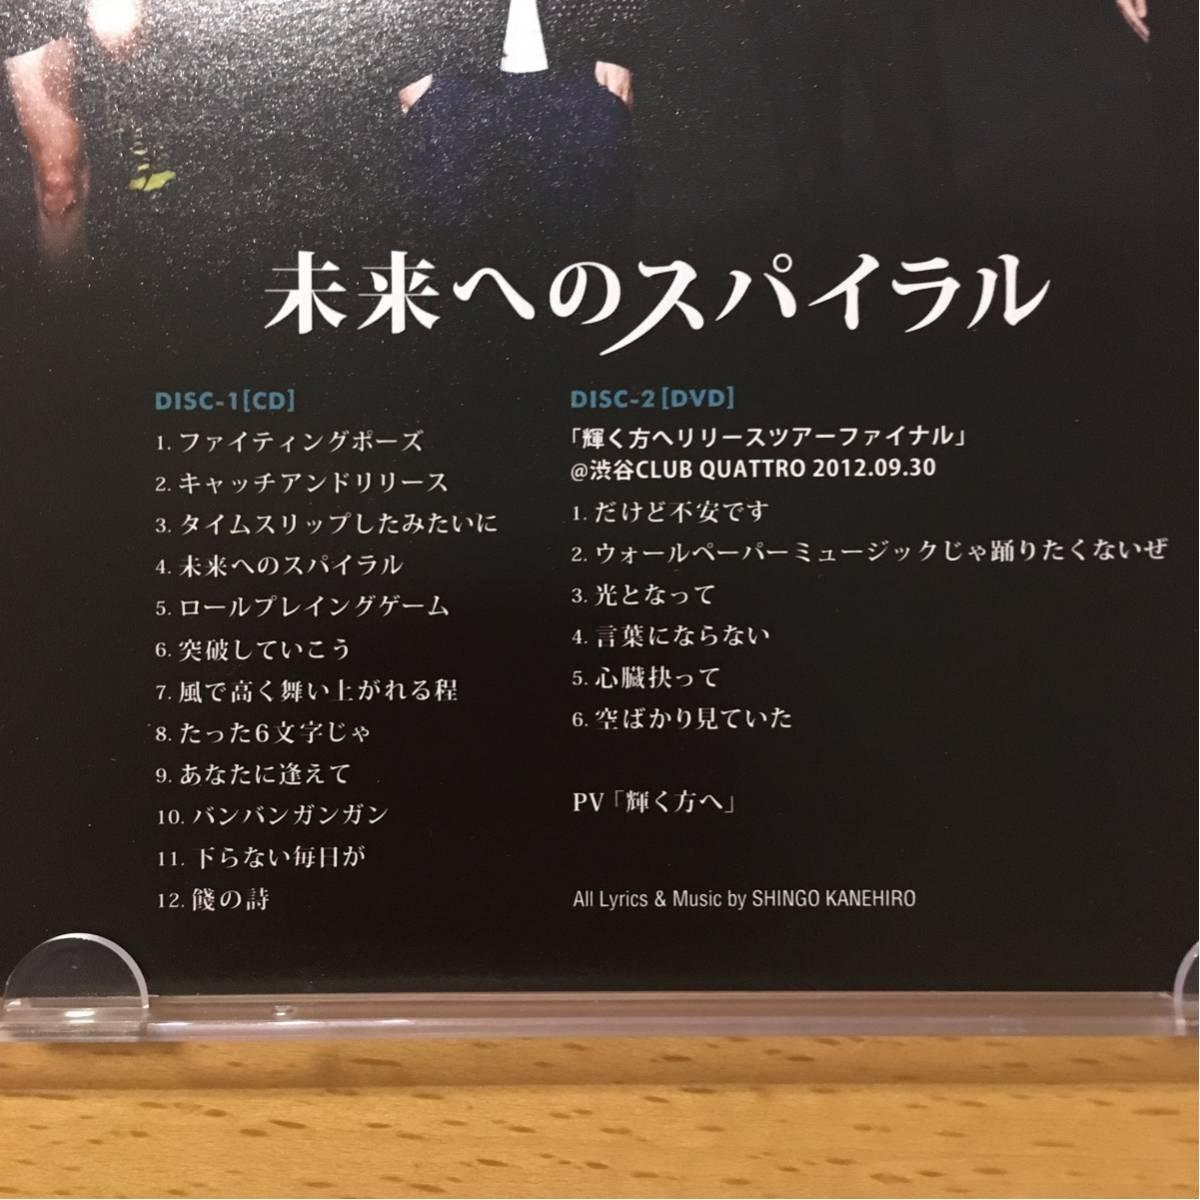 グッドモーニングアメリカ『未来へのスパイラル』初回限定盤CD+DVD☆帯付☆美品☆アルバム☆82_画像3